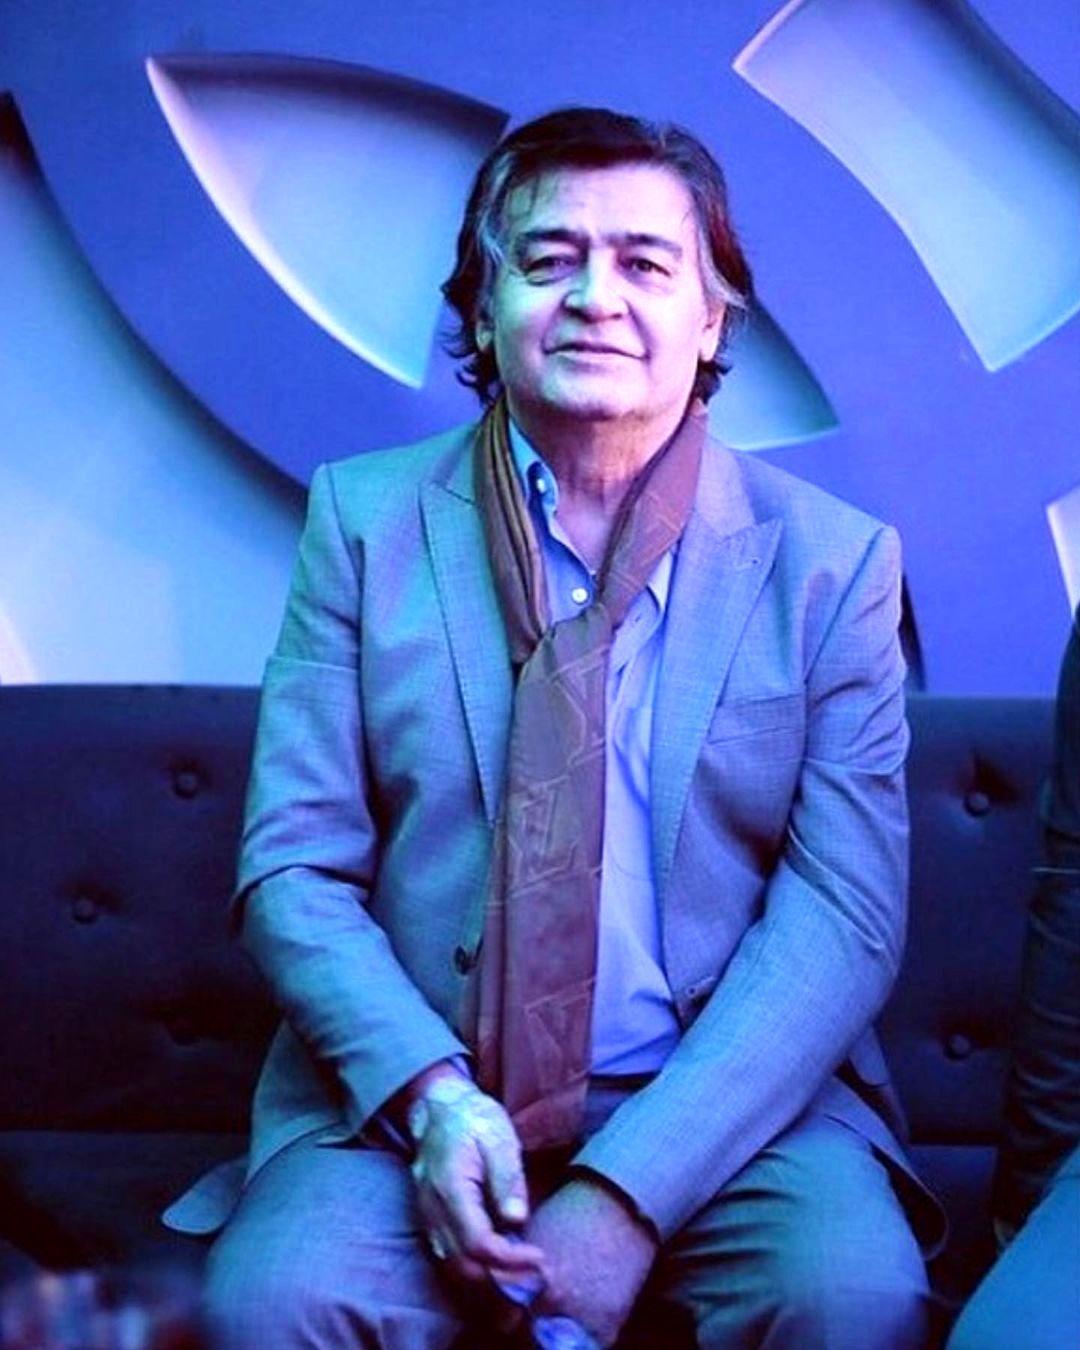 همسر کم سن رضا رویگری 75 ساله | تصاویر رضا رویگری و همسر دومش